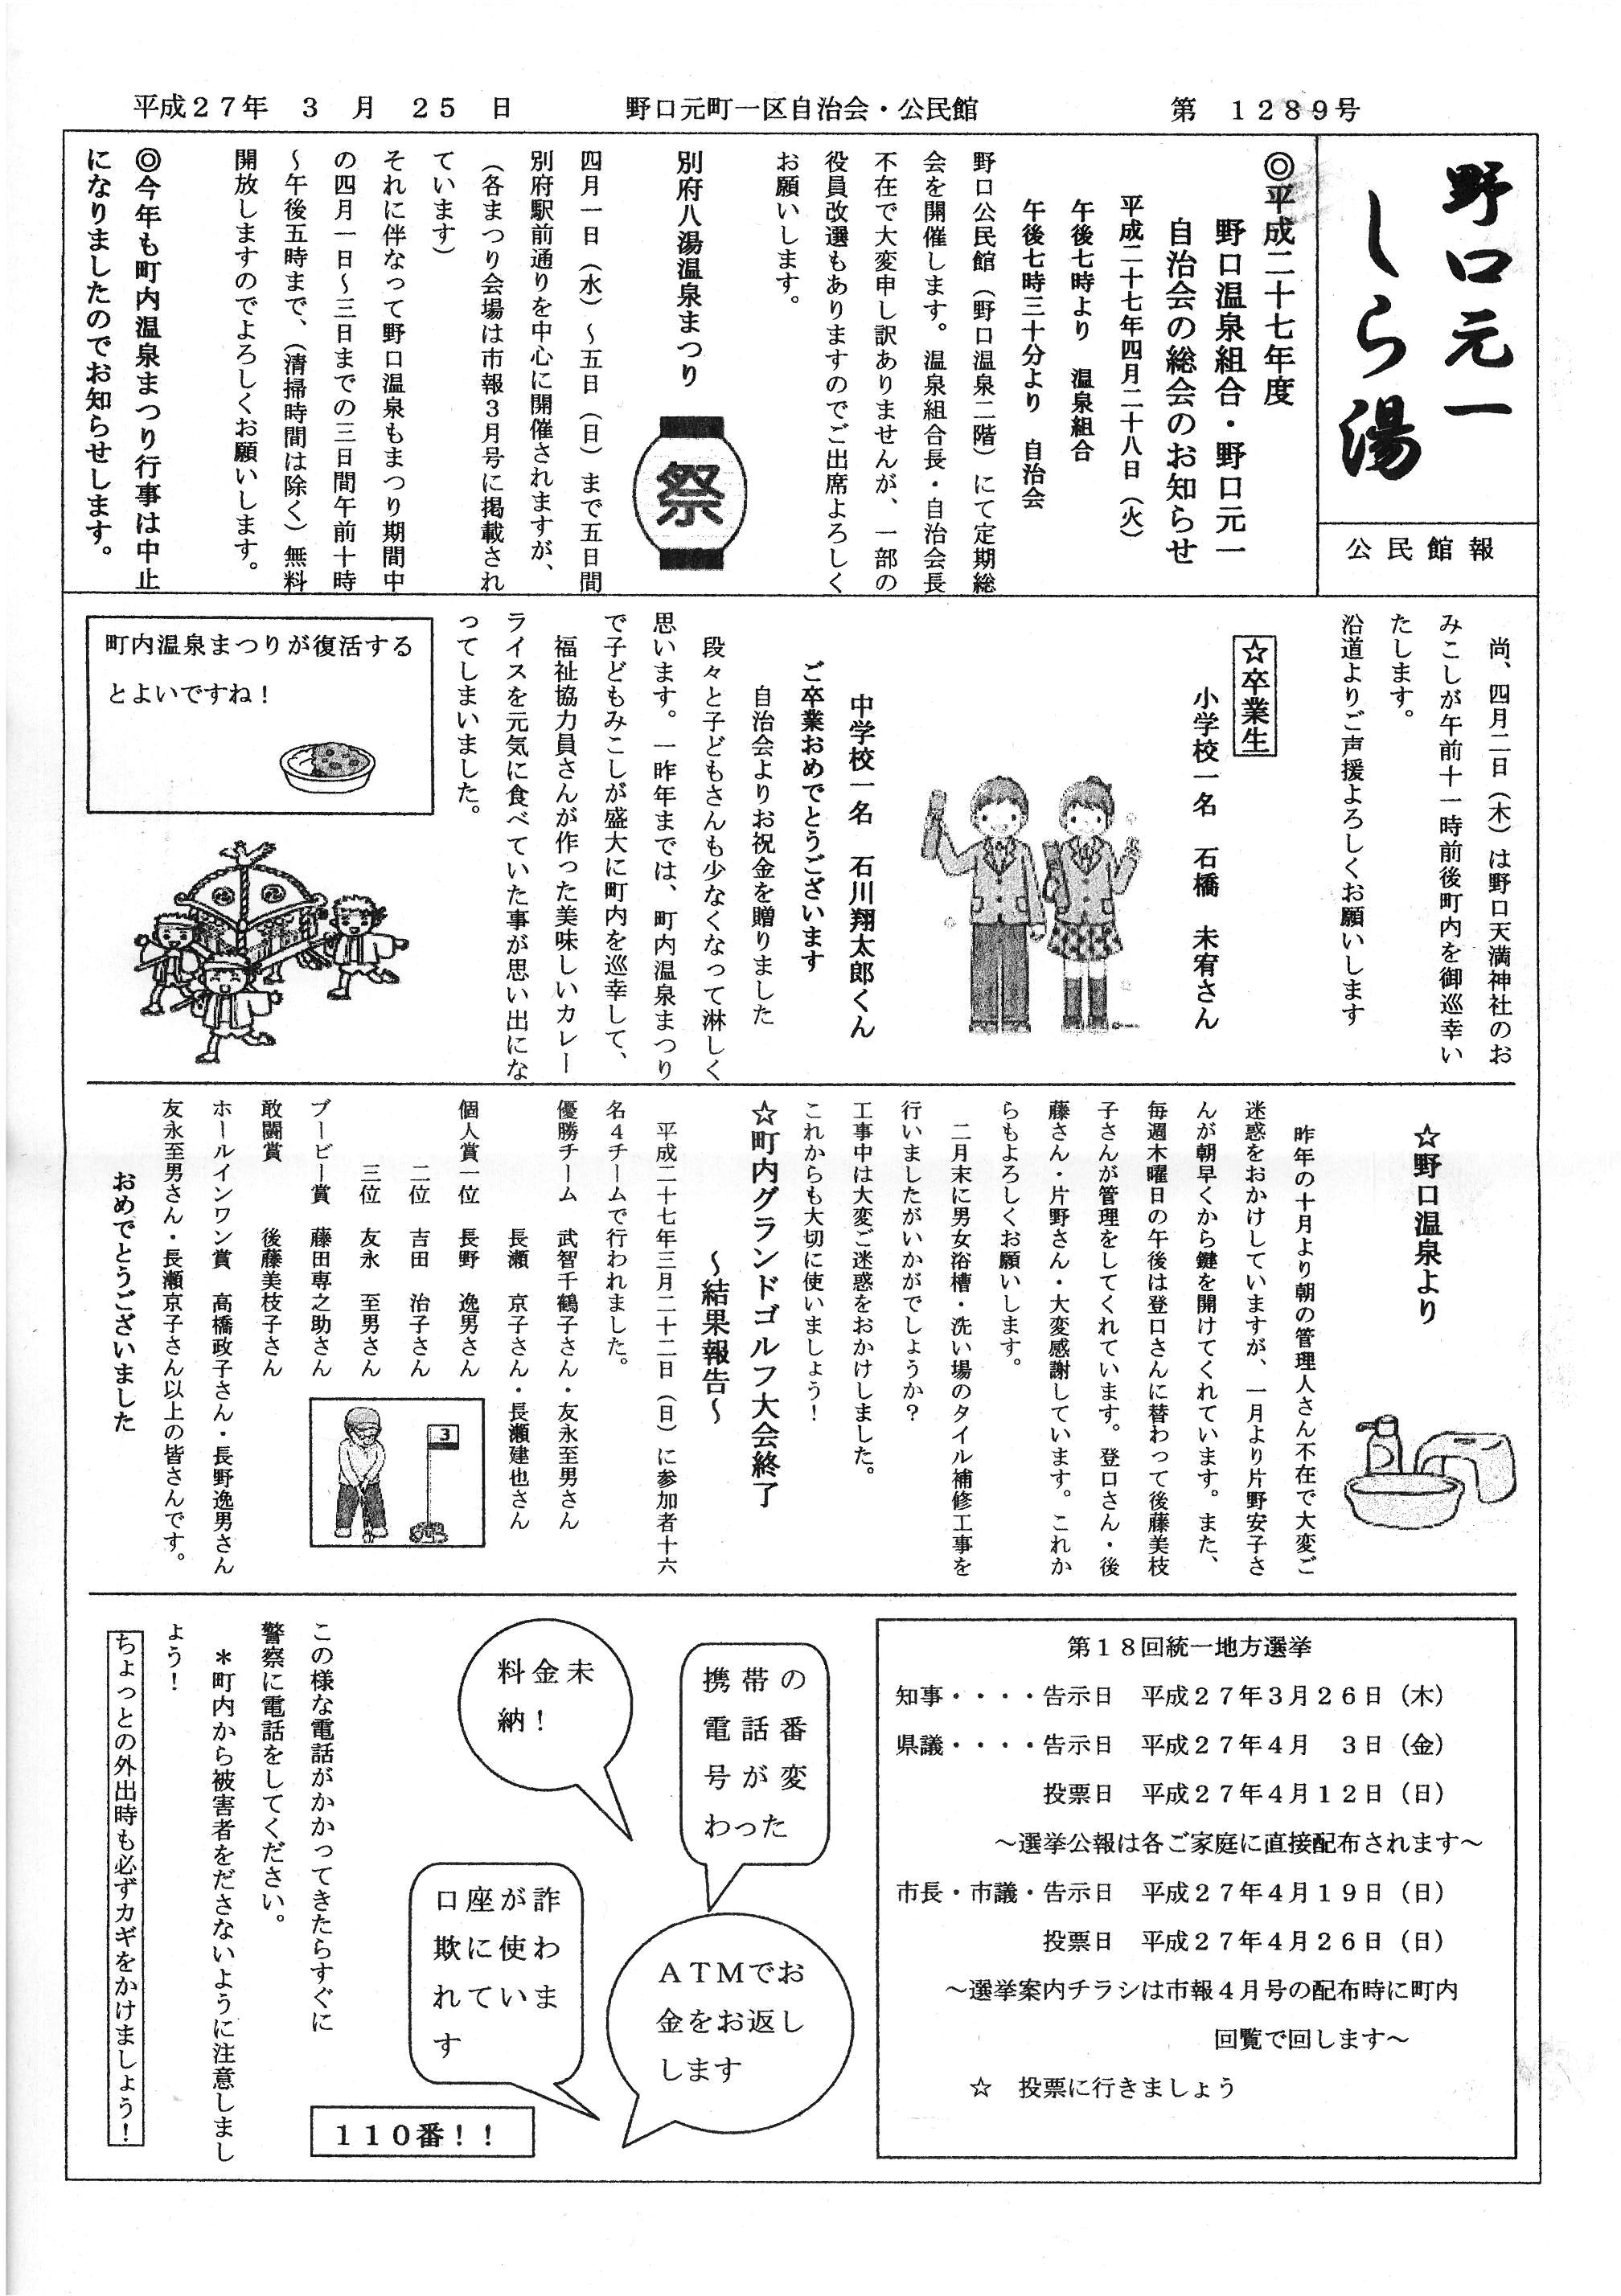 noguchimotoichishirayu2015_04